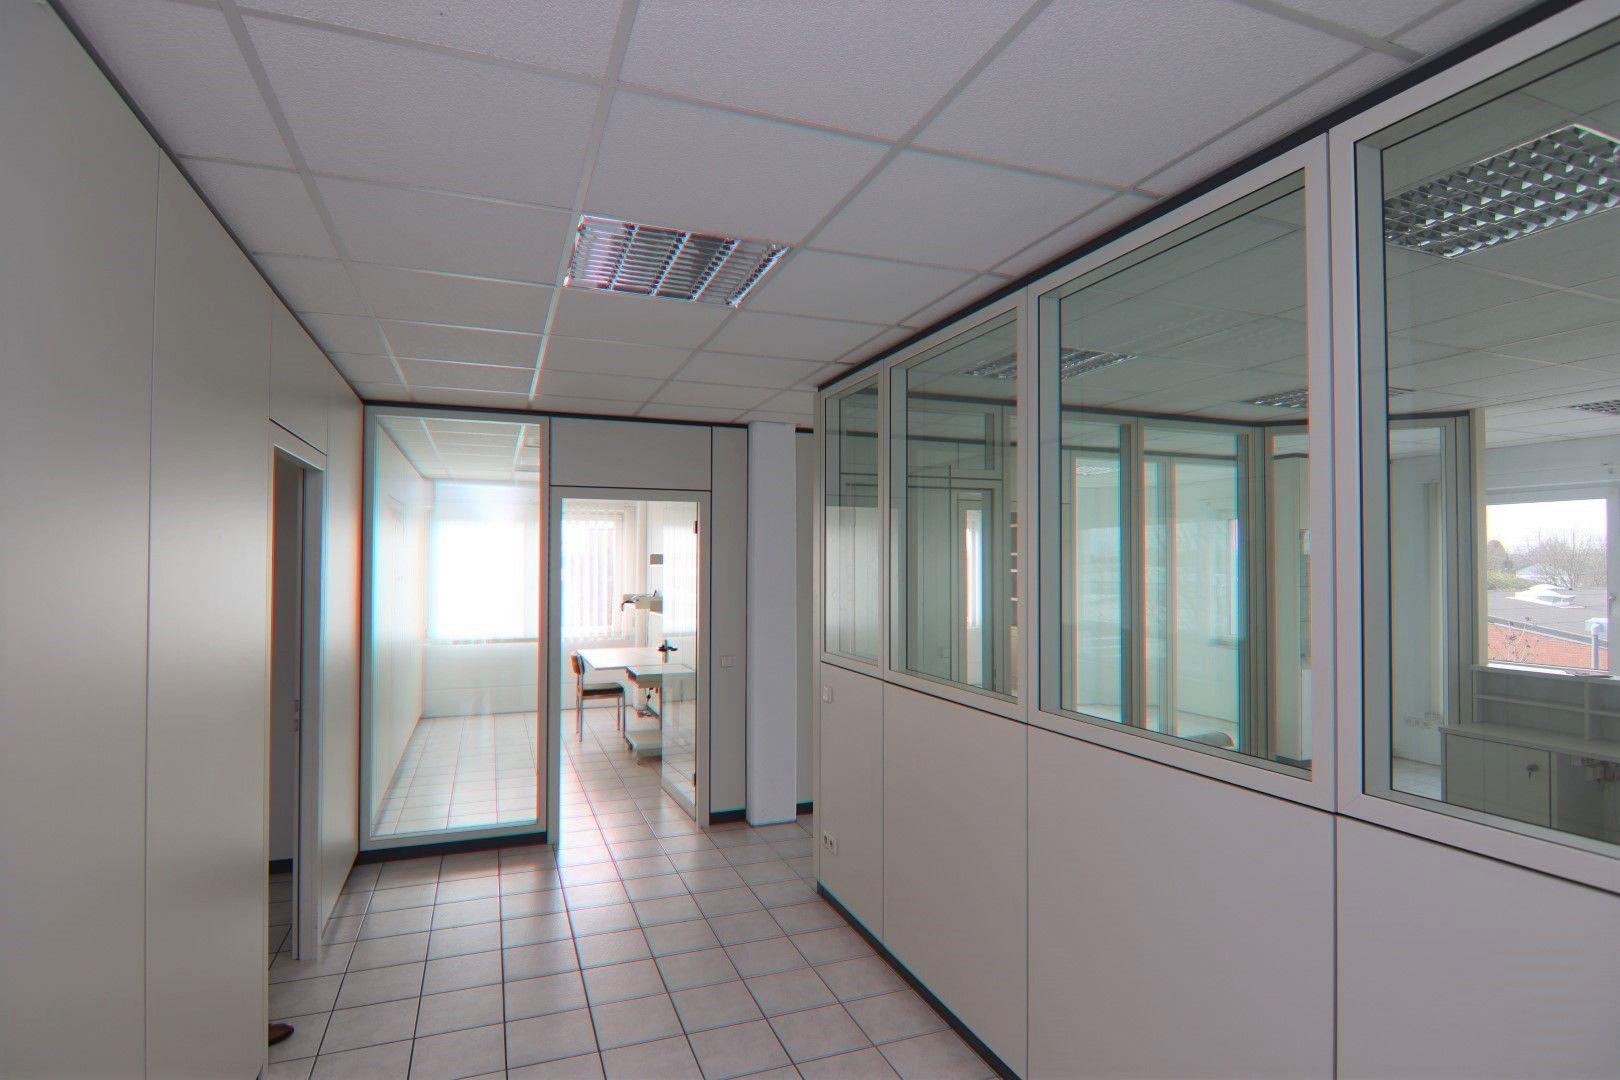 Immobilie Nr.0295 - Bürofläche mit WC-Anlage, Küche u. Aufzug - Bild 9.jpg